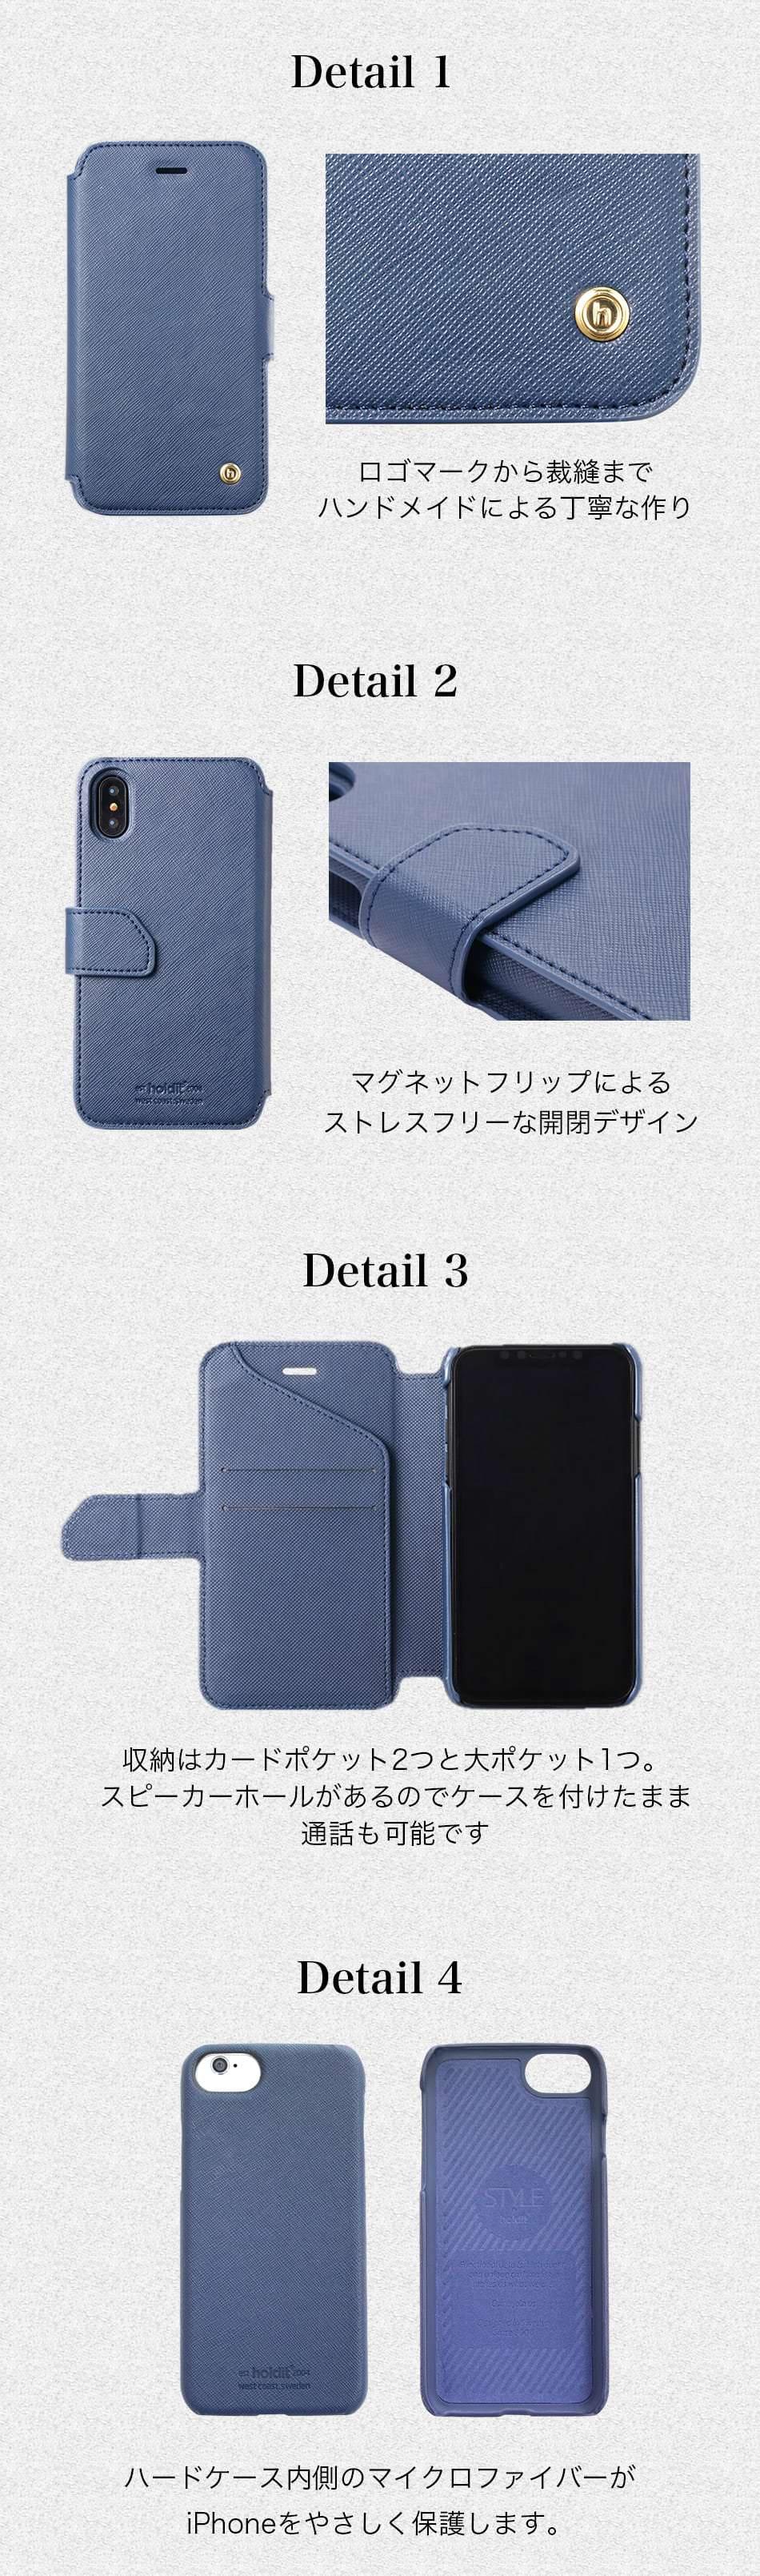 手帳型カバーをつけても外しても使用できる、マグネット脱着式の2wayモデル。